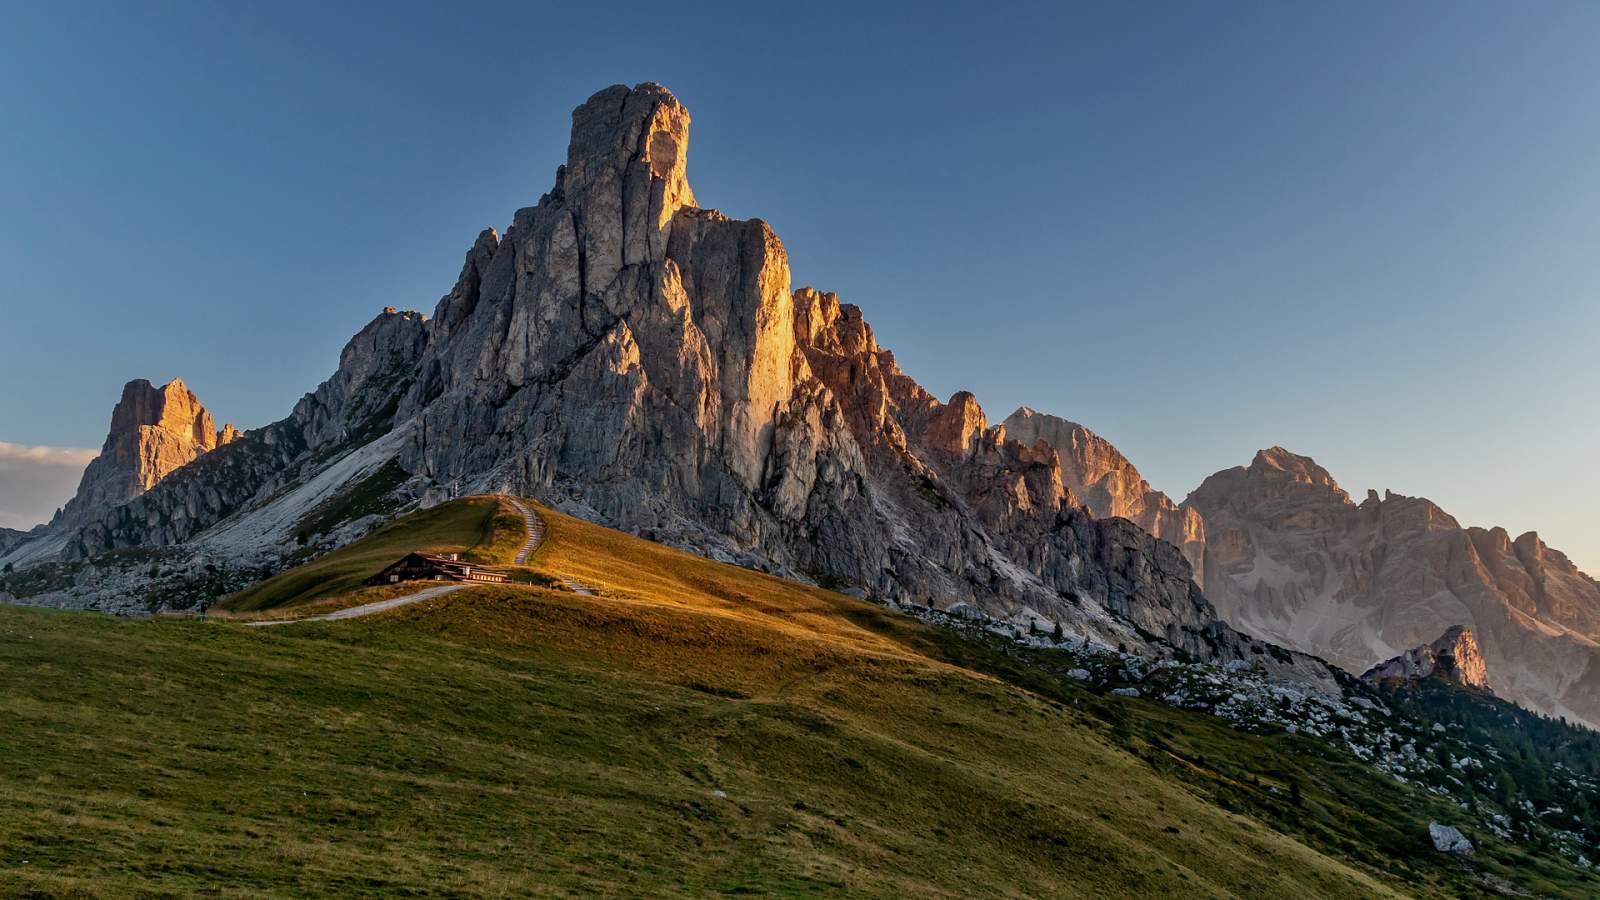 Horský půvab průsmyků Passo di Giau a Pordoi a rychlonávštěva Bolzana